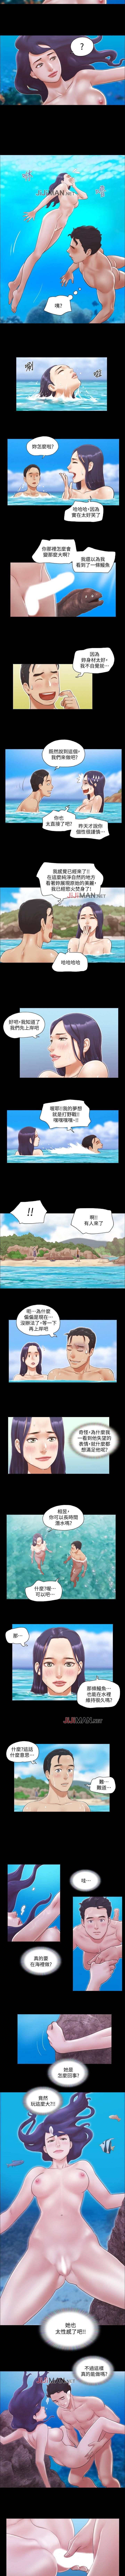 【周五连载】协议换爱(作者:遠德) 第1~62话 47